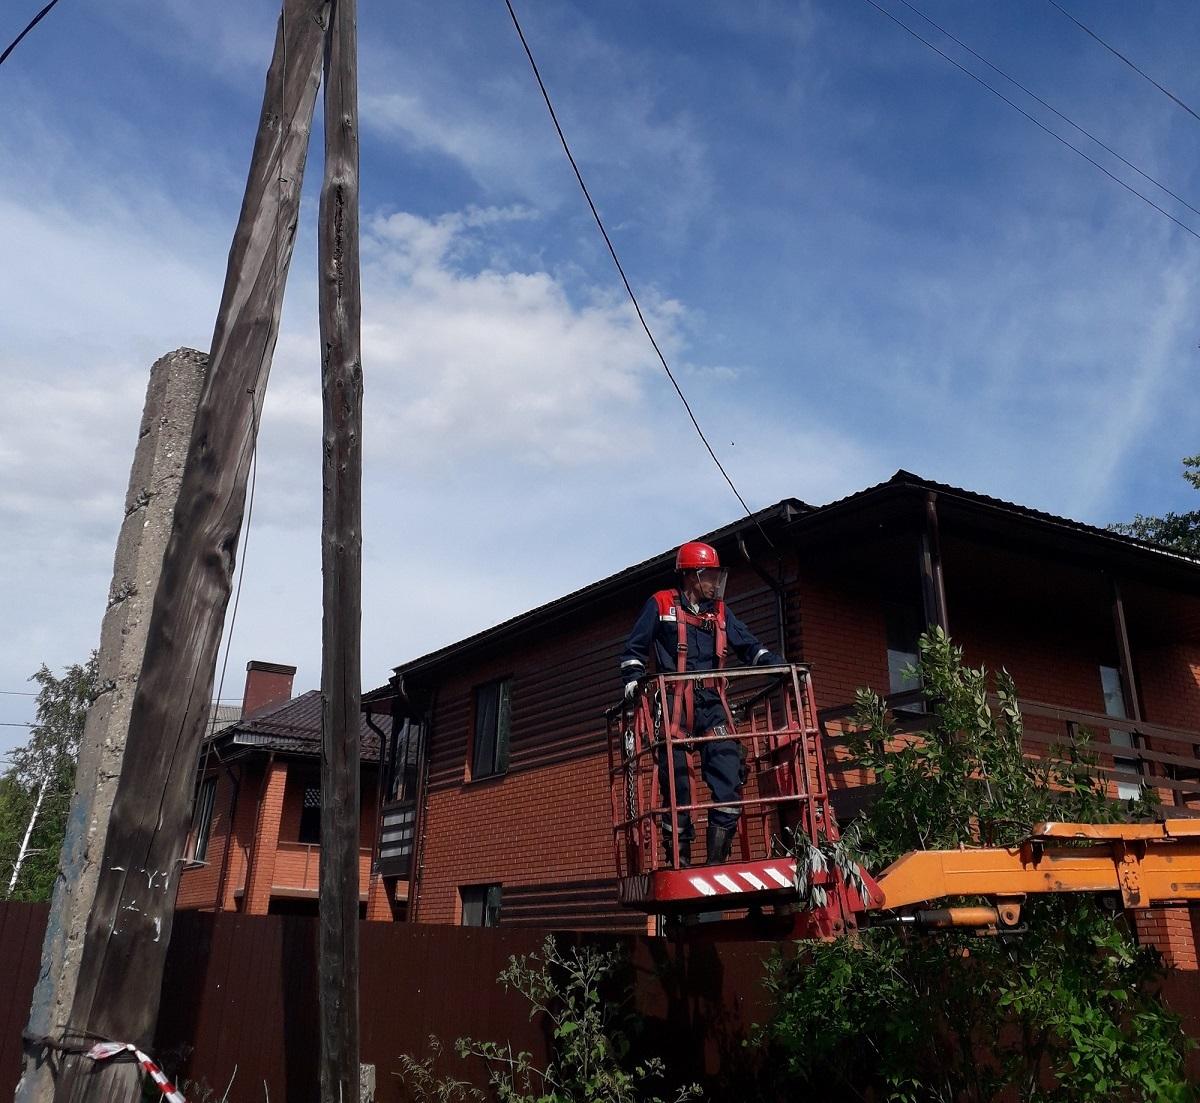 Специалисты Ярэнерго поймали очередного энерговора: сумма ущерба составила почти 1 миллион 340 тысяч рублей